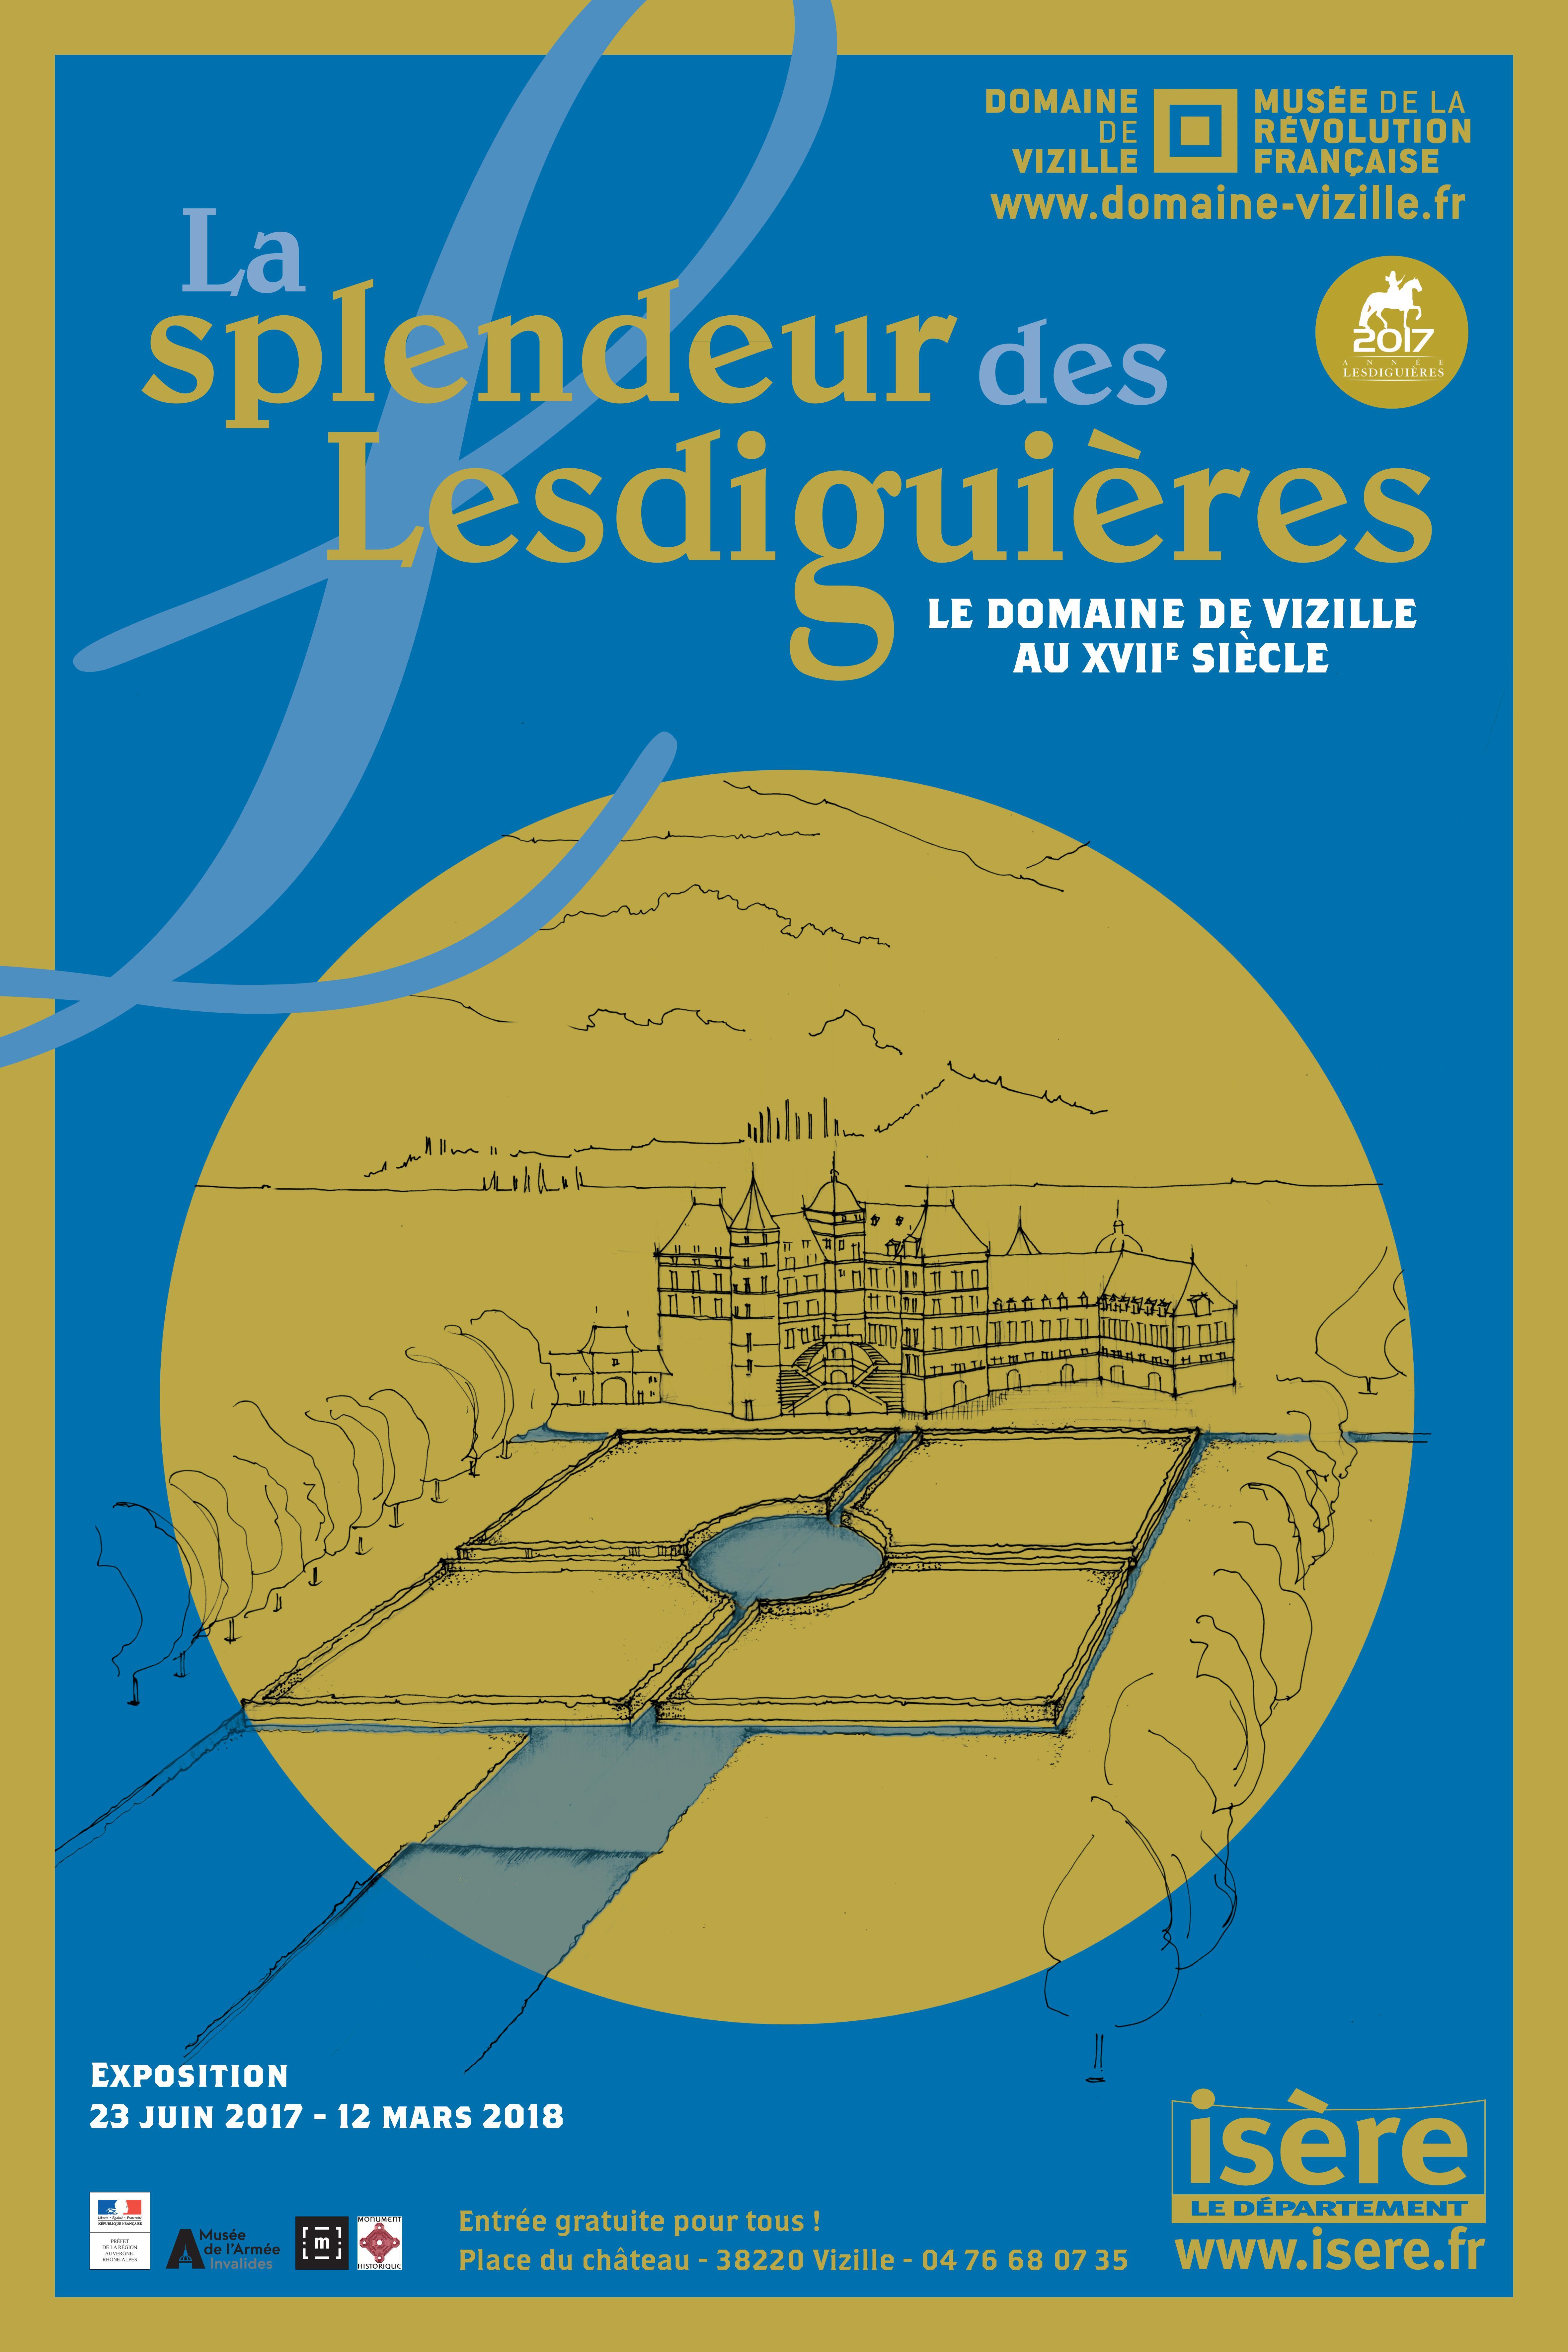 La splendeur de Lesdiguières © Département de l'Isère/Domaine de Vizille